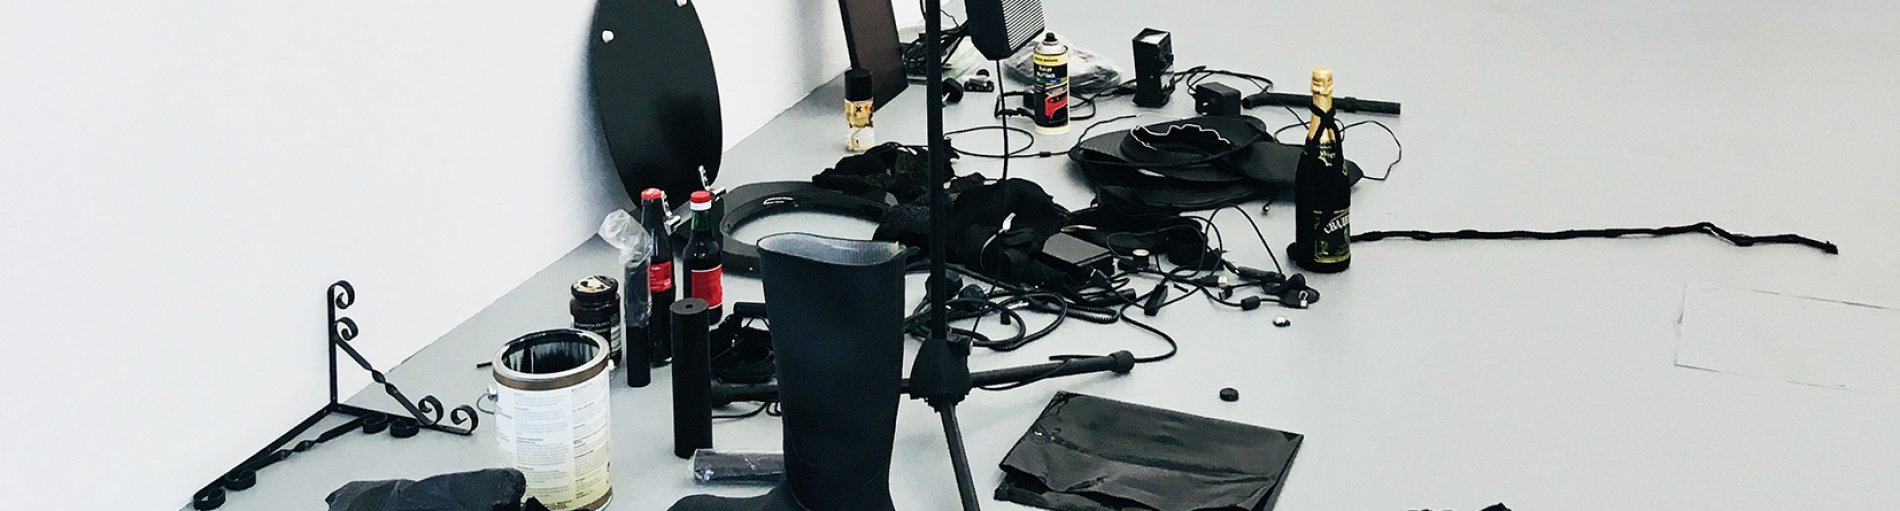 Verschiedene schwarzfarbene Gegenstände vor einem weißen Hintergrund.